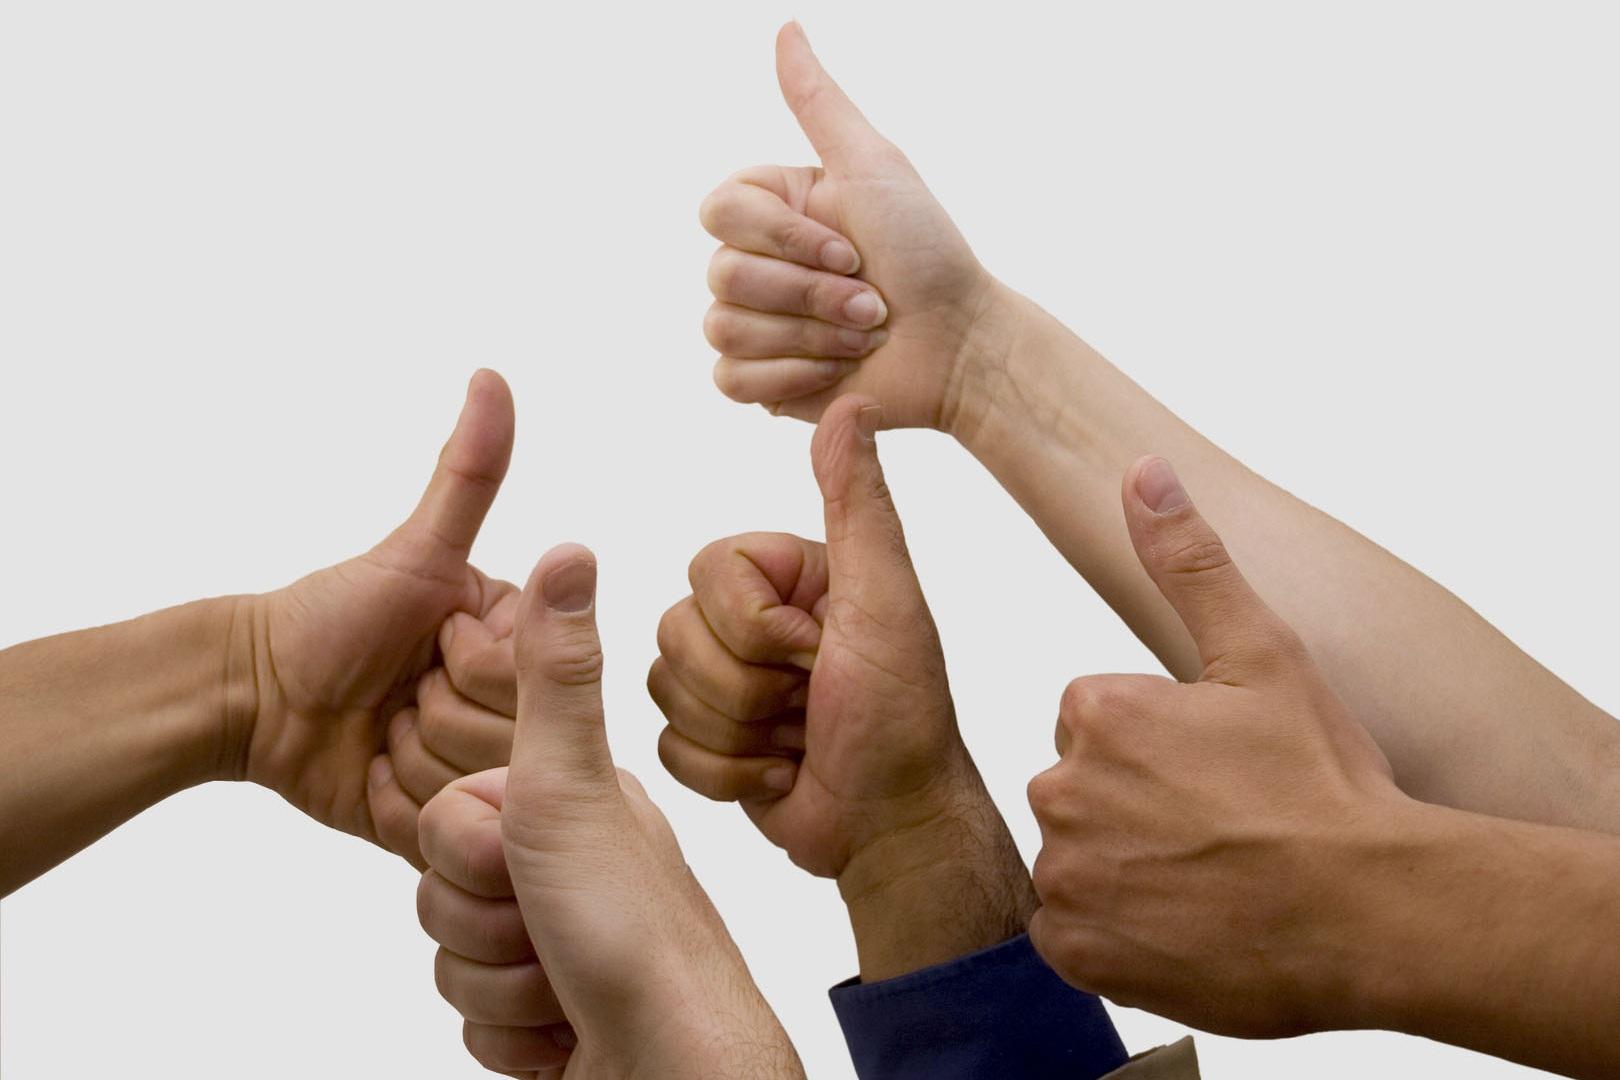 Angebot für Unternehmen - Arbeitszeit ist Lebenszeit und Lebenszeit ist Arbeitszeit. Grund genug, diese positiv zu gestalten.Glückskompetenz ist die Fähigkeit, glückliche Gefühle zu empfinden und emotional stabil zu bleiben, egal was das Arbeitsleben gerade zu bieten hat. Gesunde, positive Gefühle sind der beste Schutz gegen Druck, Stress und Krankheit, sowohl für jeden einzelnen als auch für das Team. Mehr noch, mit guten Gefühlen geht alles leichter und lockerer von der Hand, das Arbeitsleben fegt und macht Freude, an der wir andere teilhaben lassen.Wer mit guten Gefühlen aufsteht, der liegt bereits 2:0 in Führung!